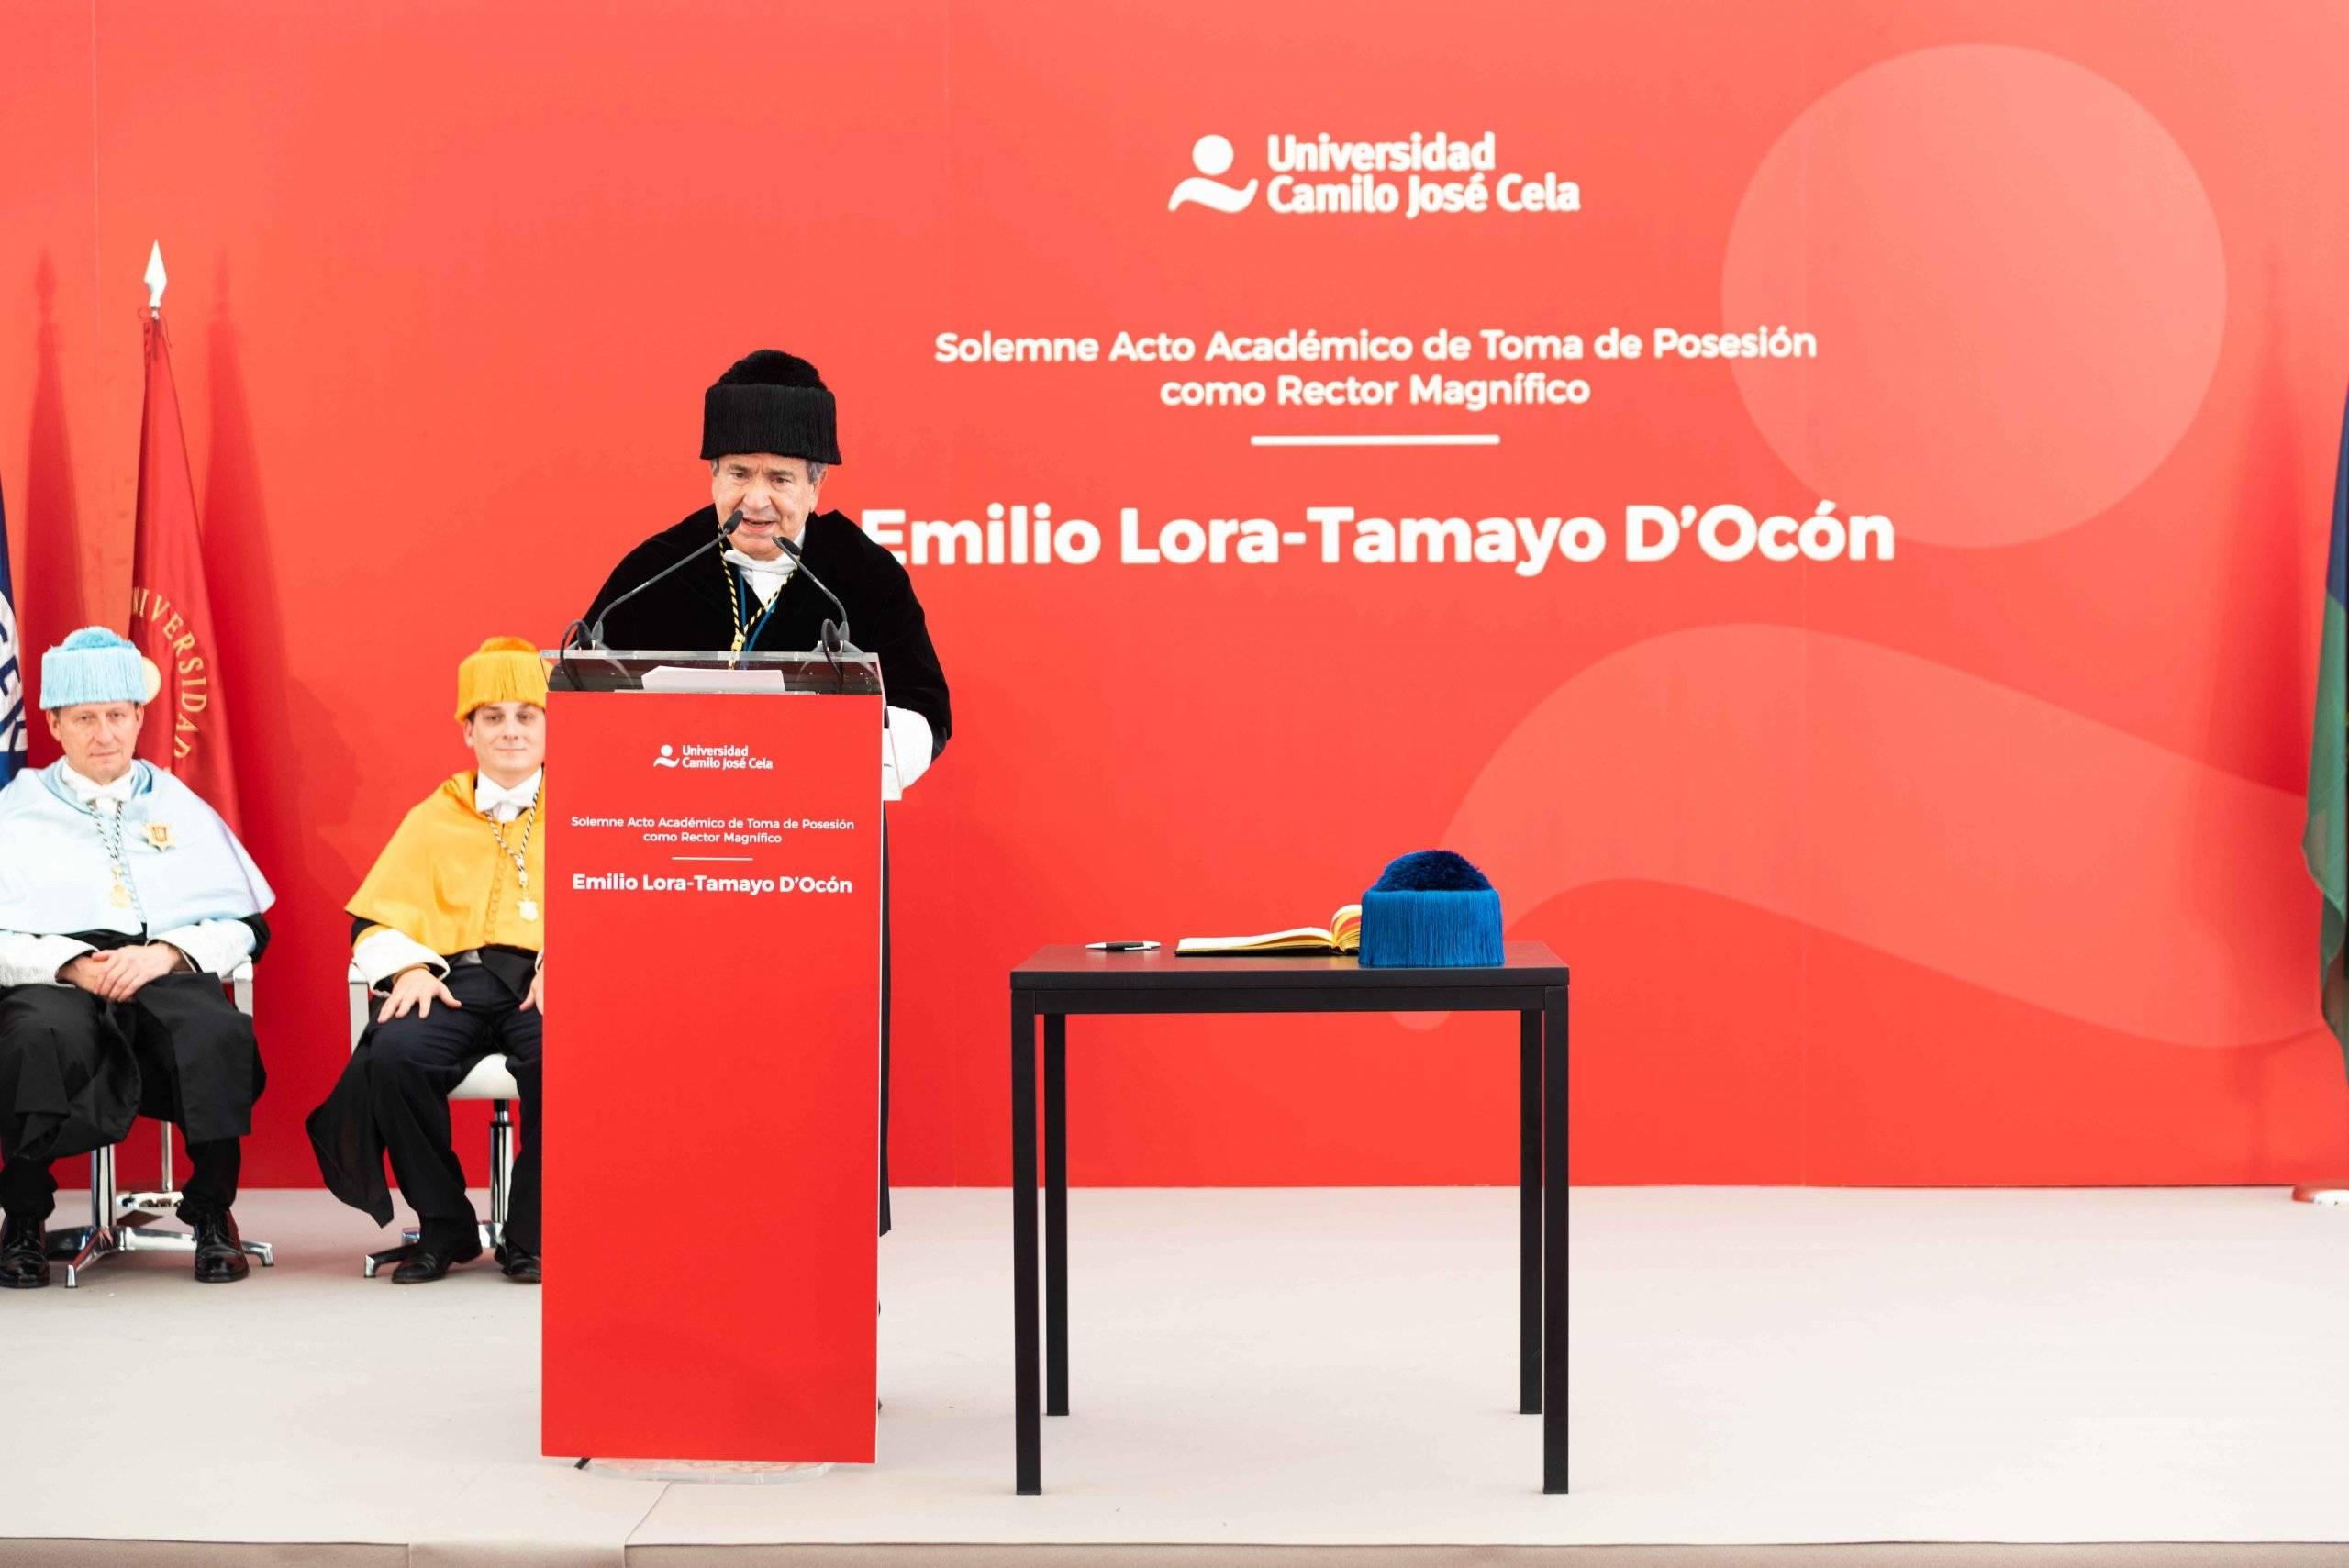 Discurso de Emilio Lora-Tamayo, rector de la UCJC